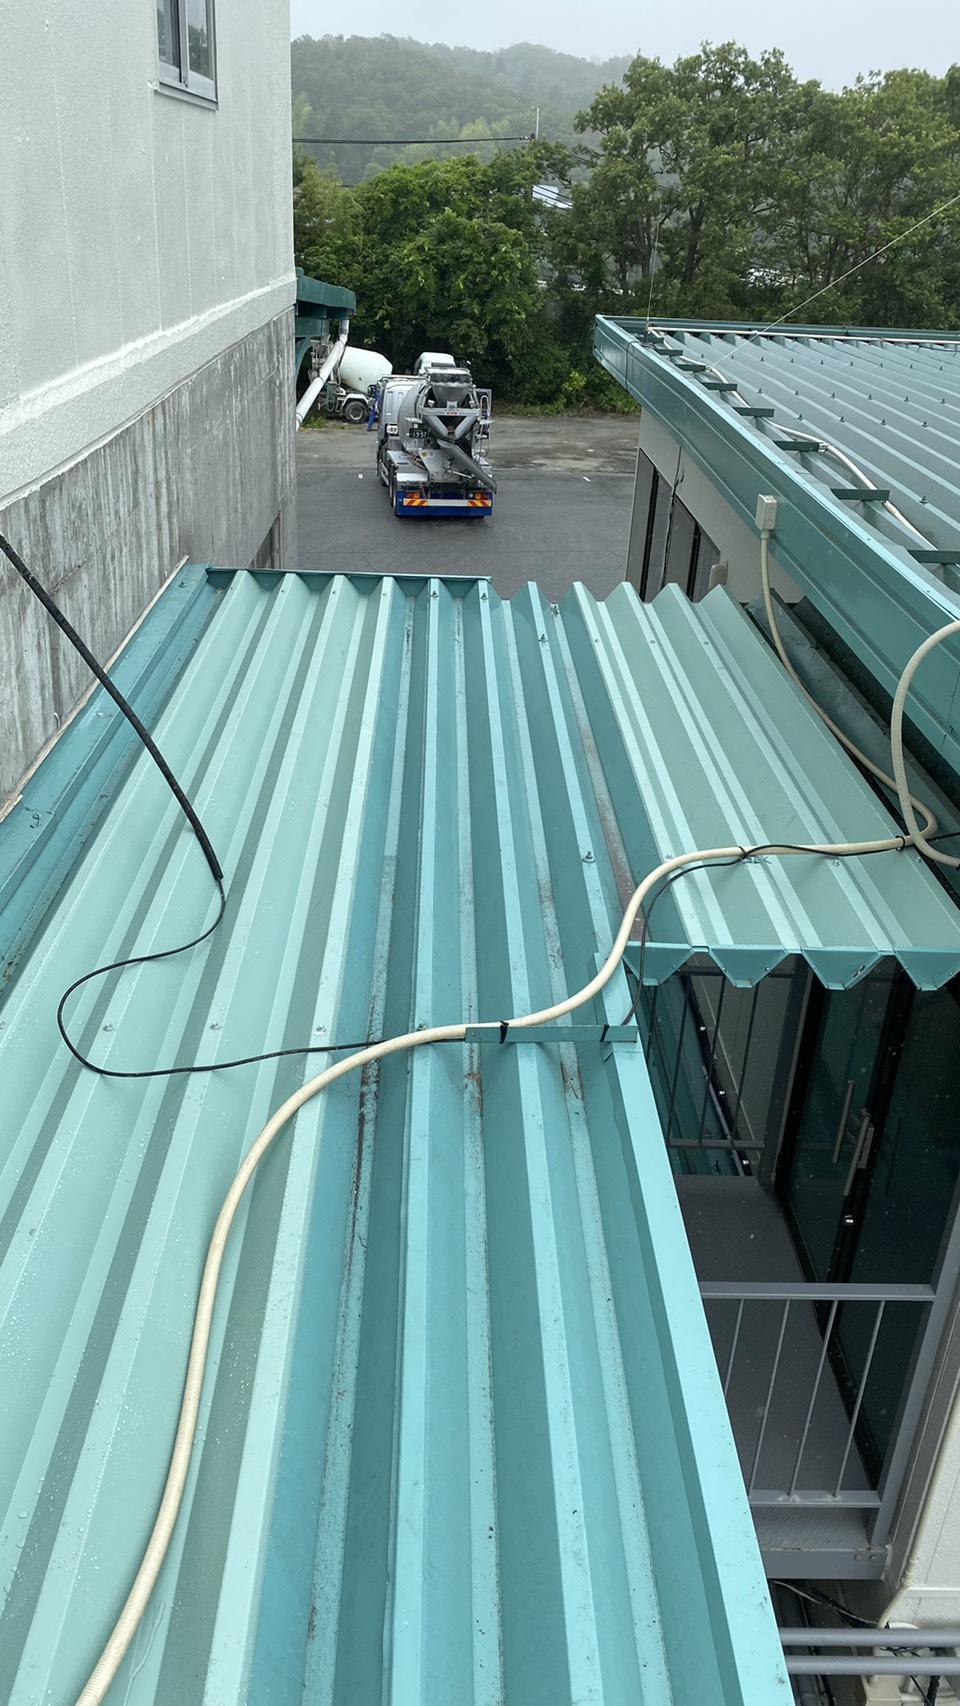 神戸市西区の工場で合計2枚の折板屋根を貼った様子